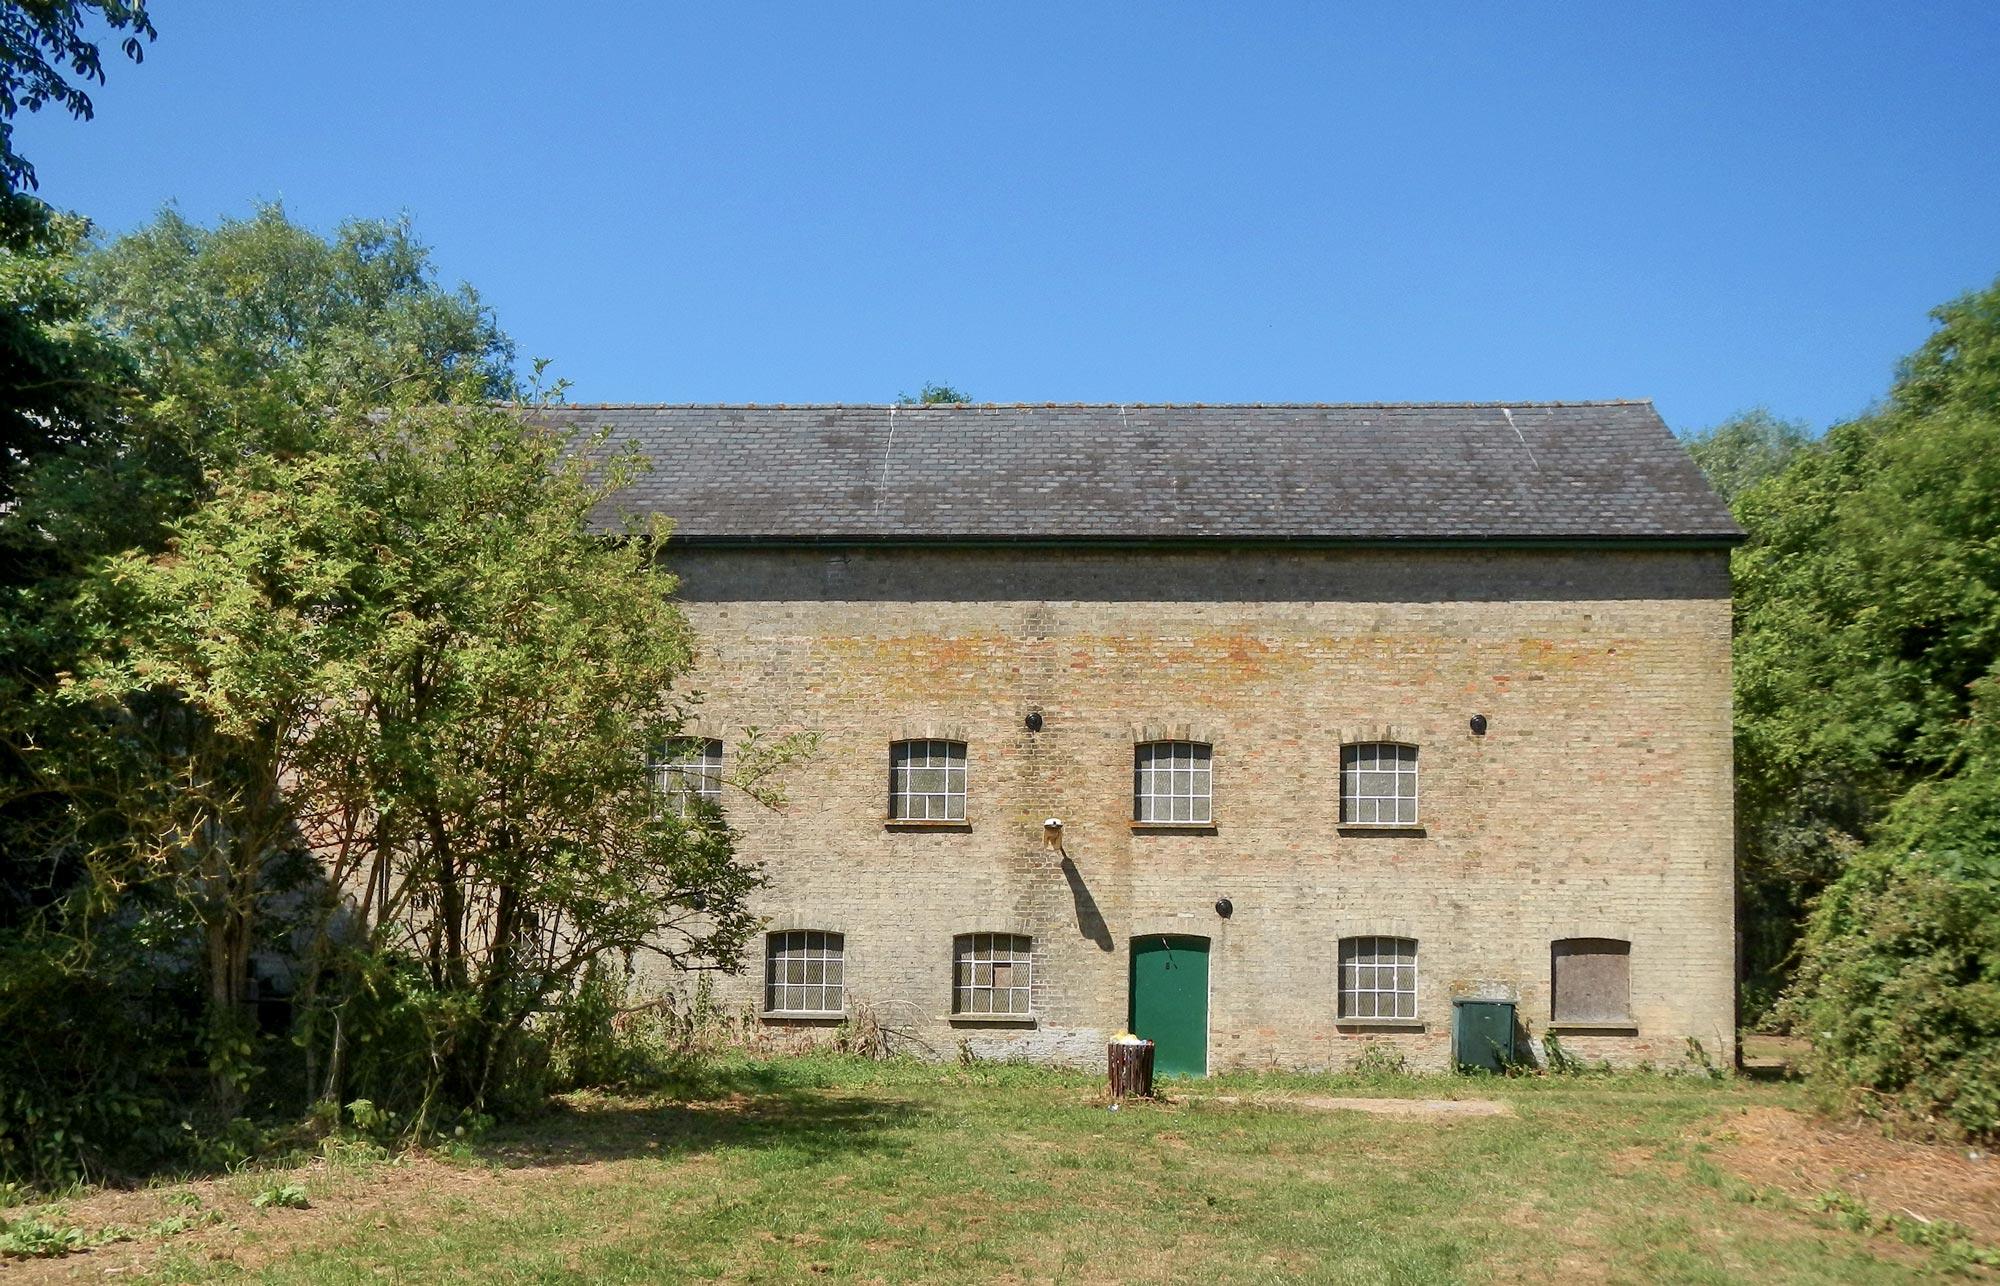 hauxton-mill-1-2000